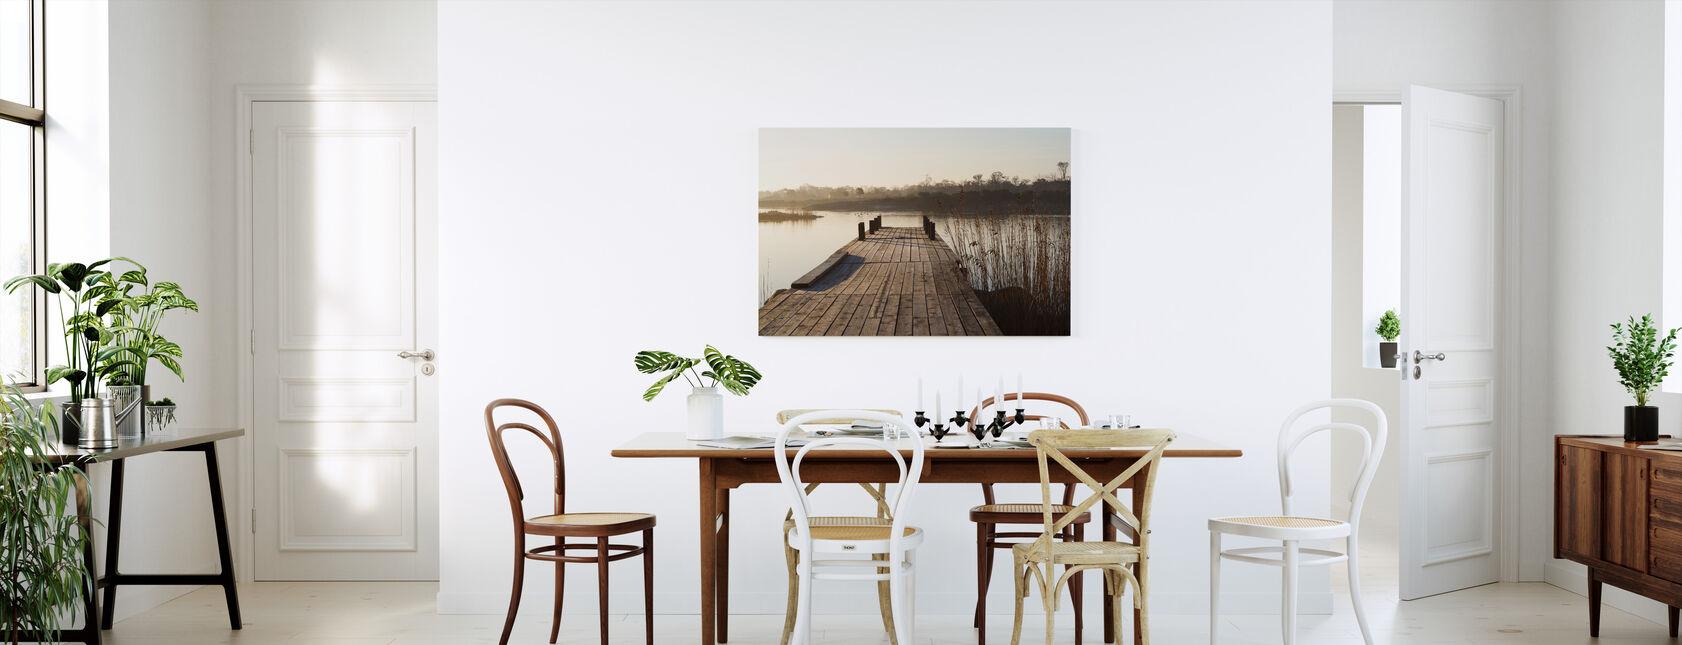 Aamukohtaus Vidingessä, Ruotsissa, Euroopassa - Canvastaulu - Keittiö